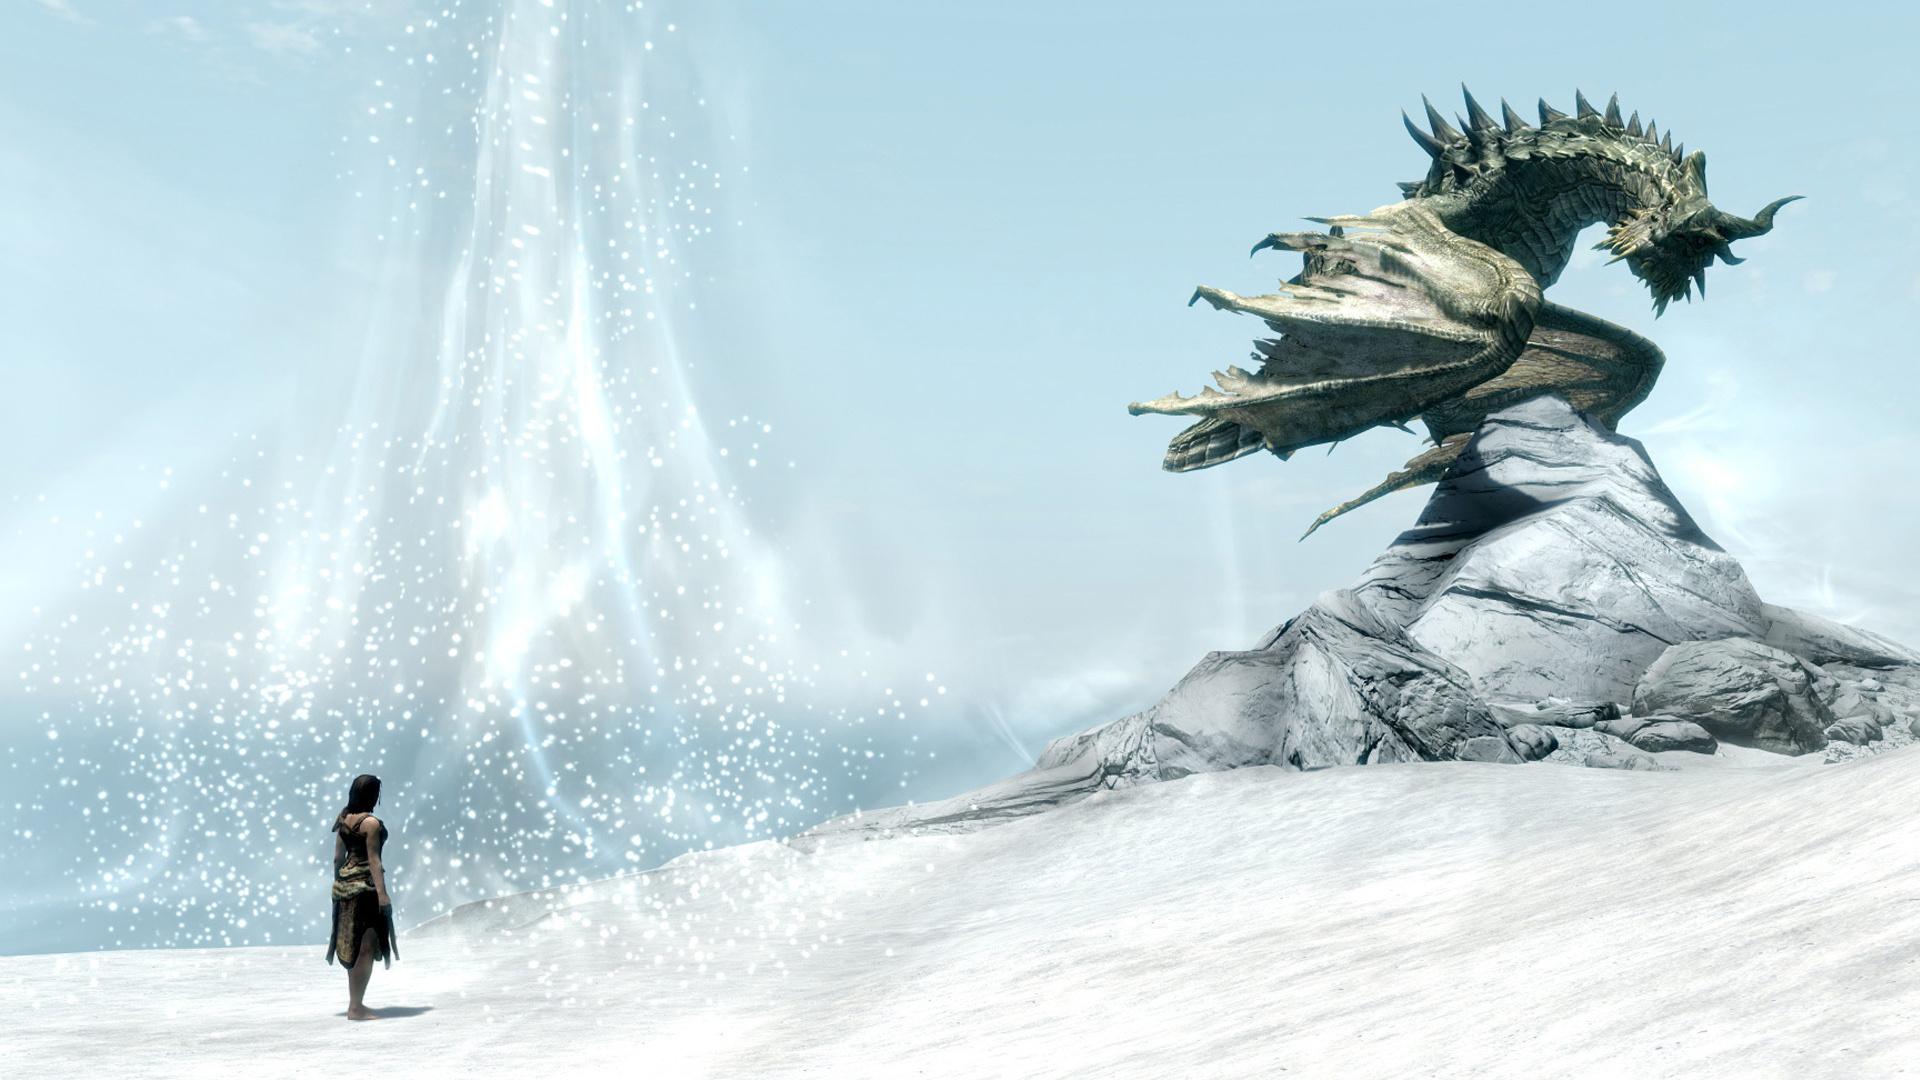 Skyrim во всем великолепии)) - Elder Scrolls 5: Skyrim, the